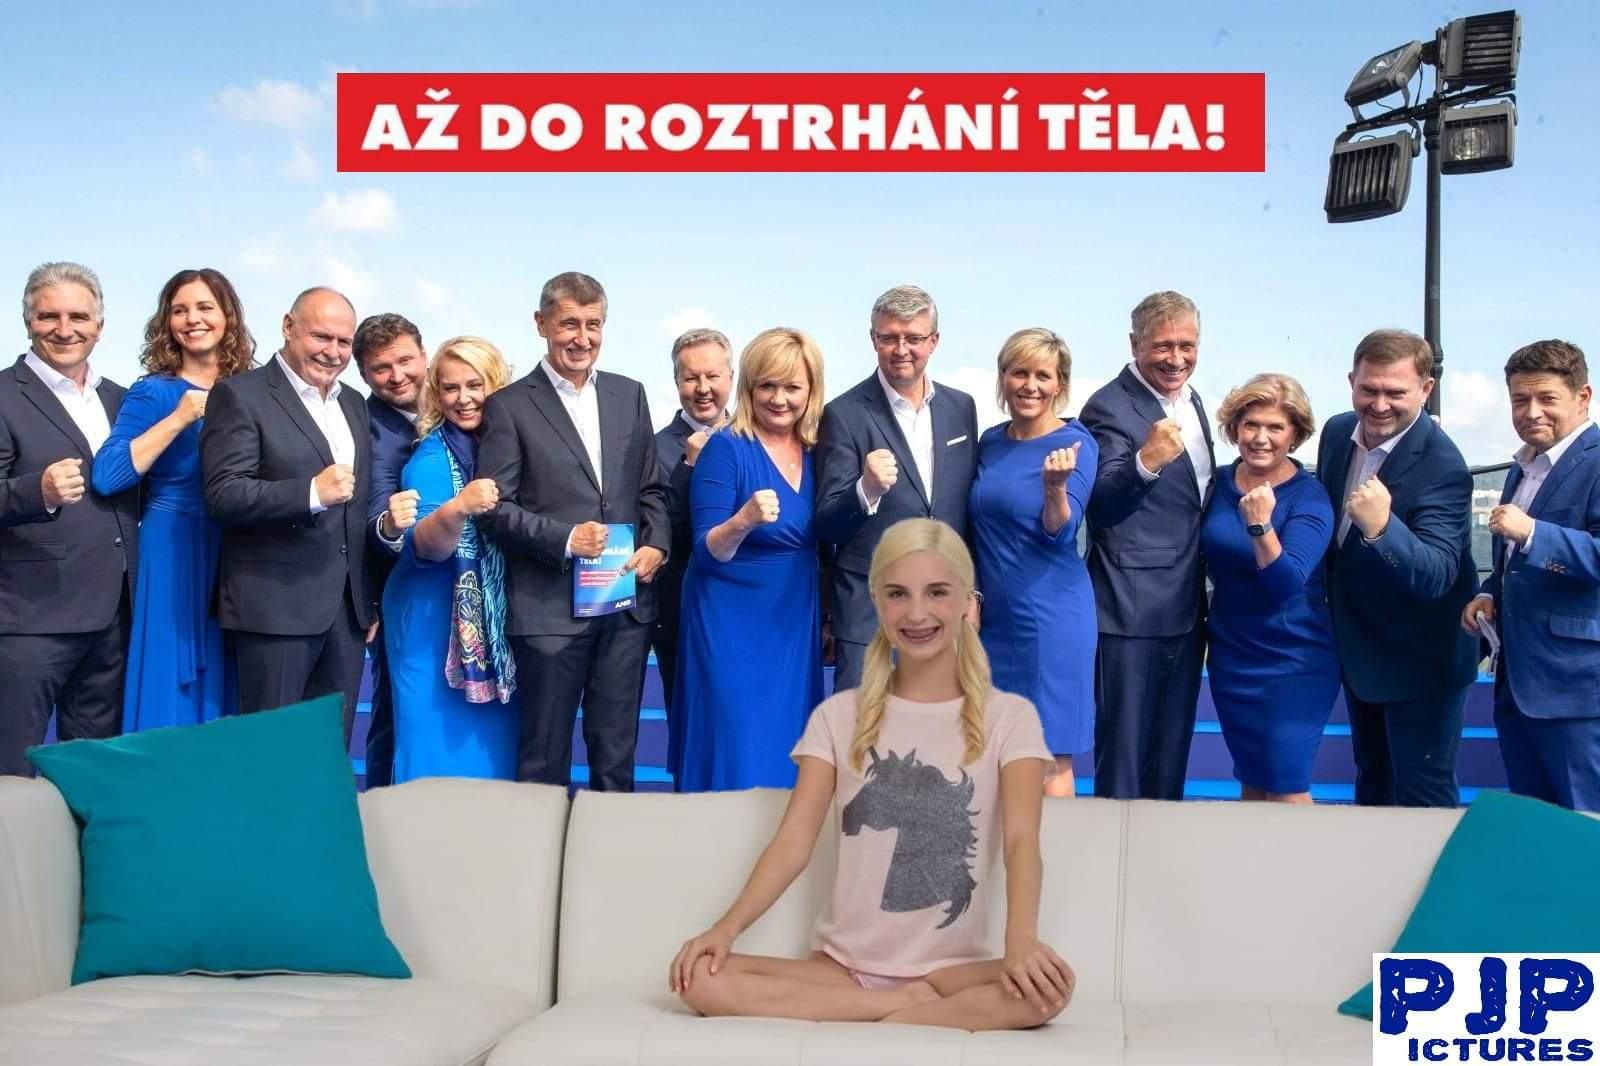 Obrázek Azdoroztrhani